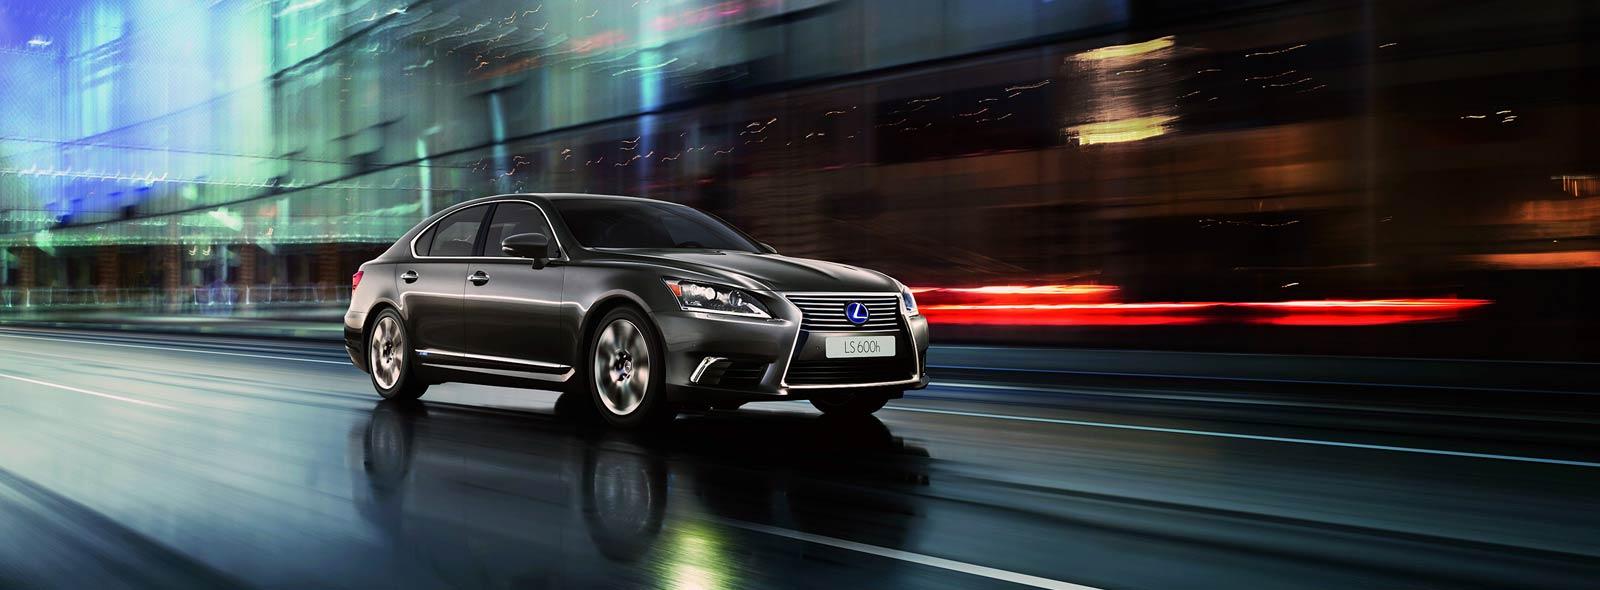 Lexus LS Hybrid colore argento su strada di città e sullo sfondo un edificio in vetro